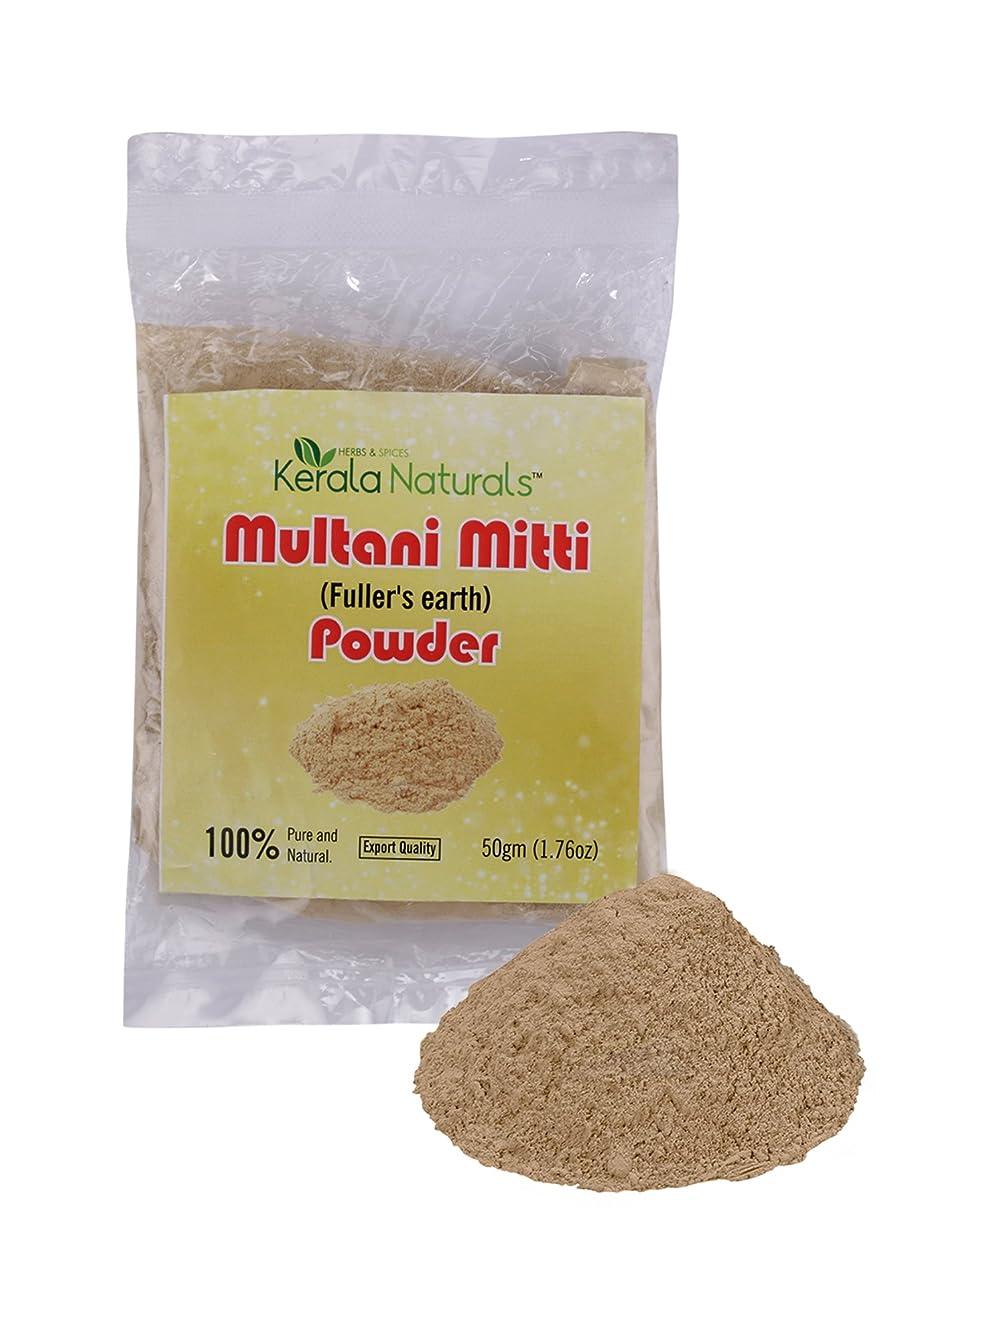 受信汚染されたしたがってMultani Mitti Powder 200gm - Anti acne & Blemishes, Glowing Skin - Multani Mittiパウダー200gm-にきび&傷、輝く肌